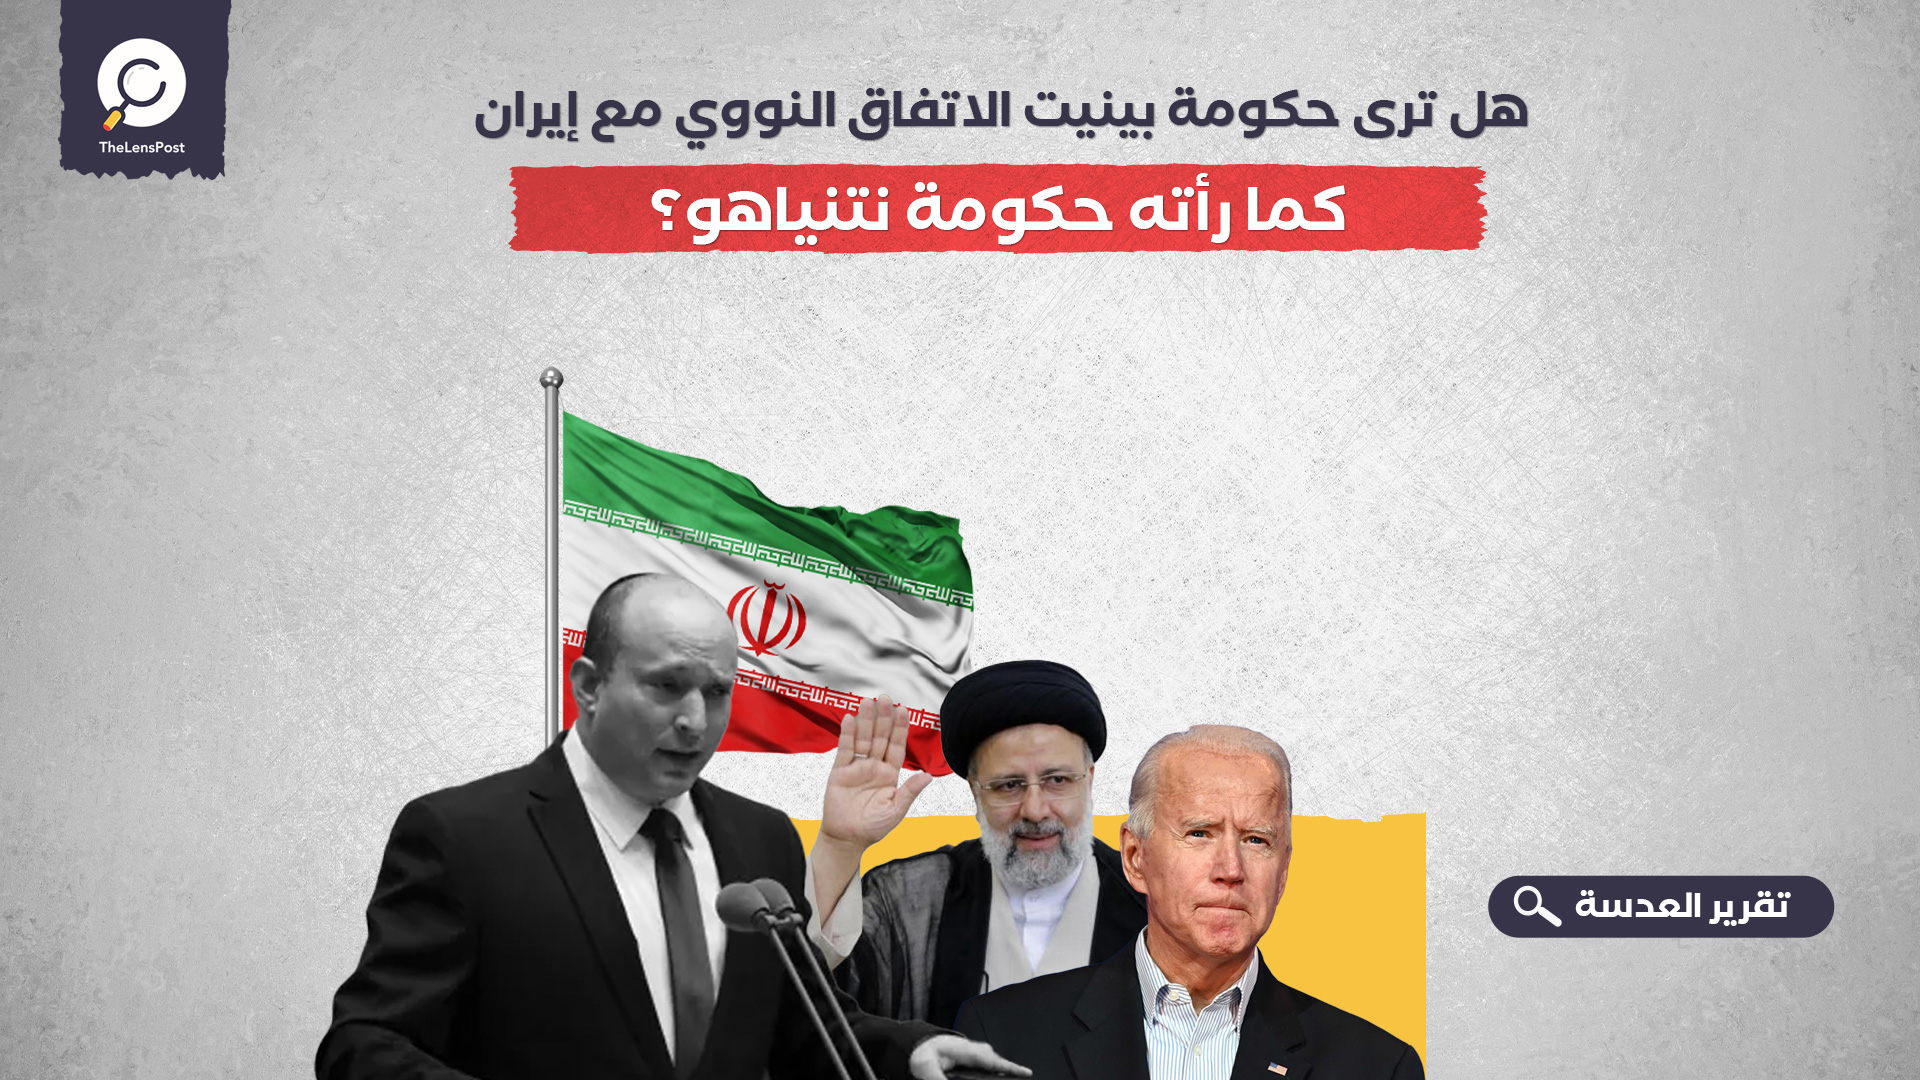 هل ترى حكومة بينيت الاتفاق النووي مع إيران كما رأته حكومة نتنياهو؟